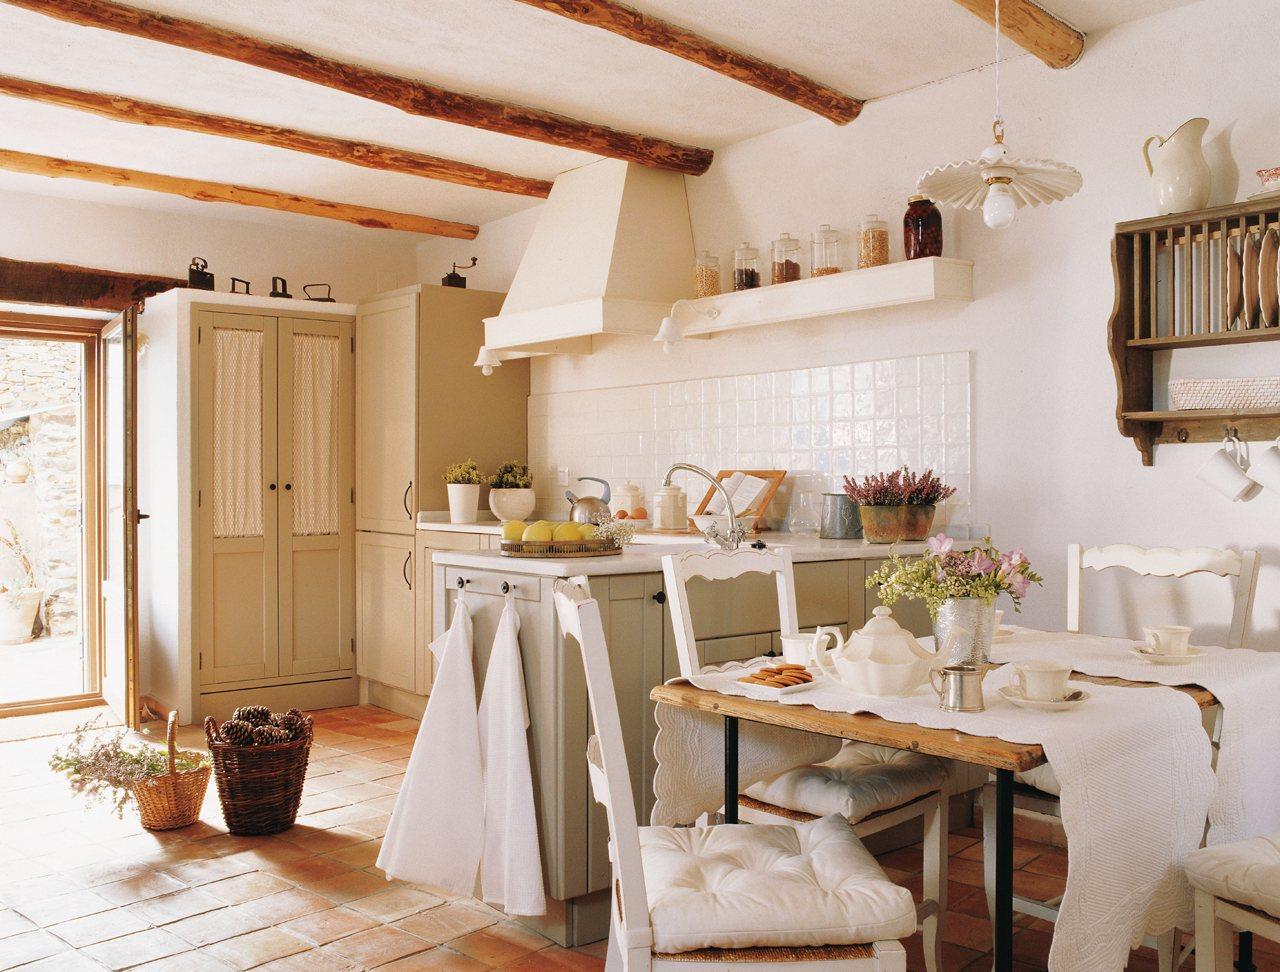 El poder de los peque os detalles - Campanas de cocina rusticas ...